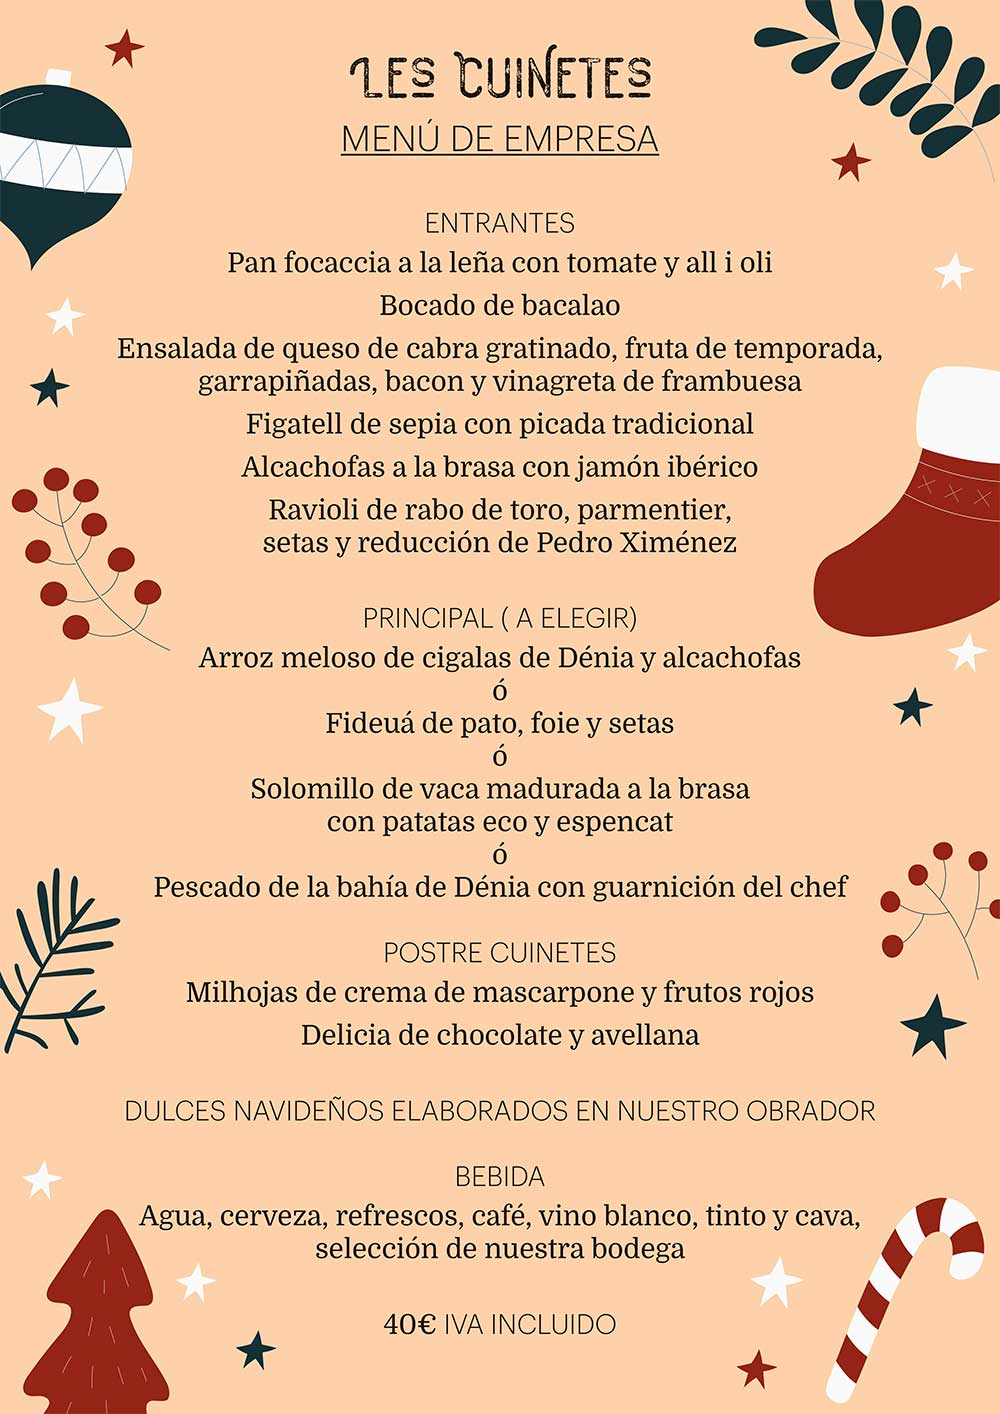 Menú-empresa-Les-cuinetes-Navidad-2020